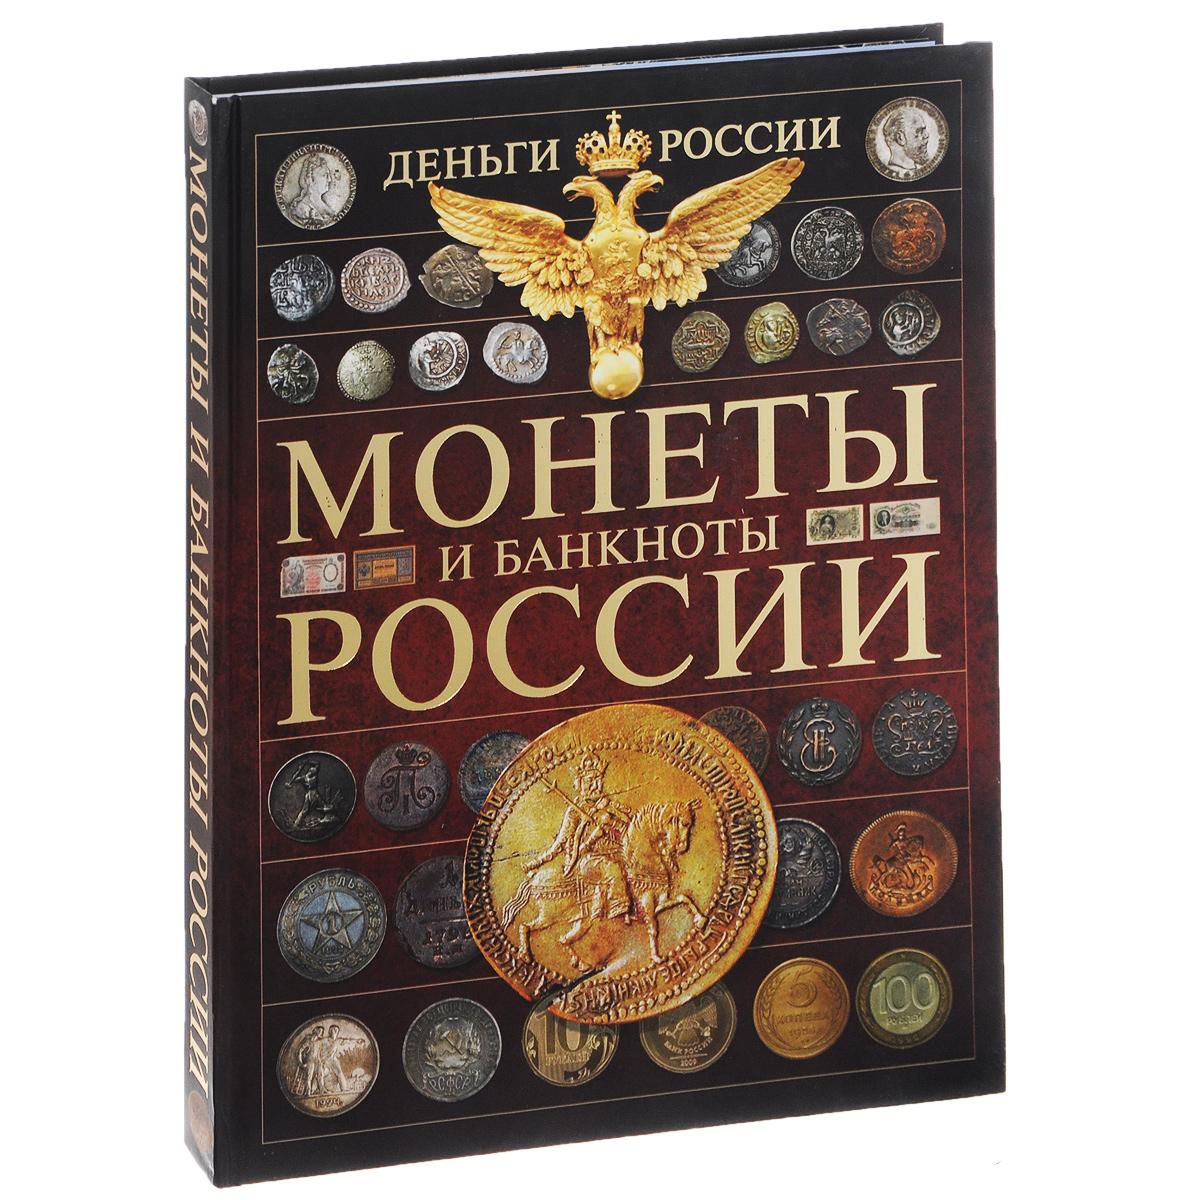 Деньги России. Монеты и банкноты России ( 978-5-17-078668-8, 978-5-17-077332-9 )